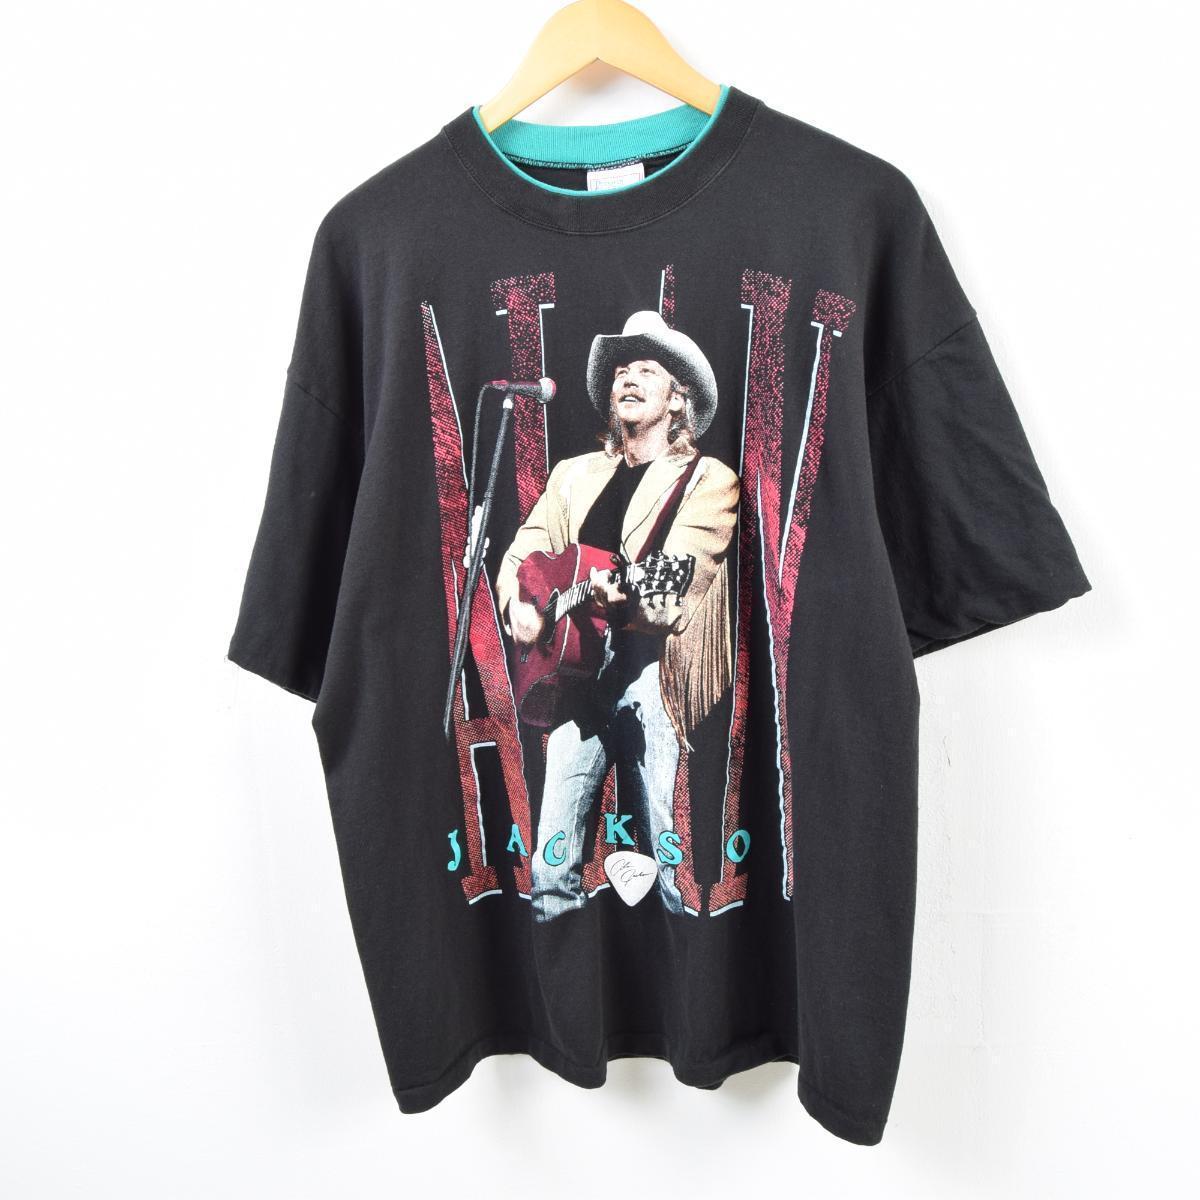 トップス, Tシャツ・カットソー 90 PREMIRE SPORTSWEAR ALAN JACKSON ON TOUR T USA XL wbd5999 190420CS2001PD2001